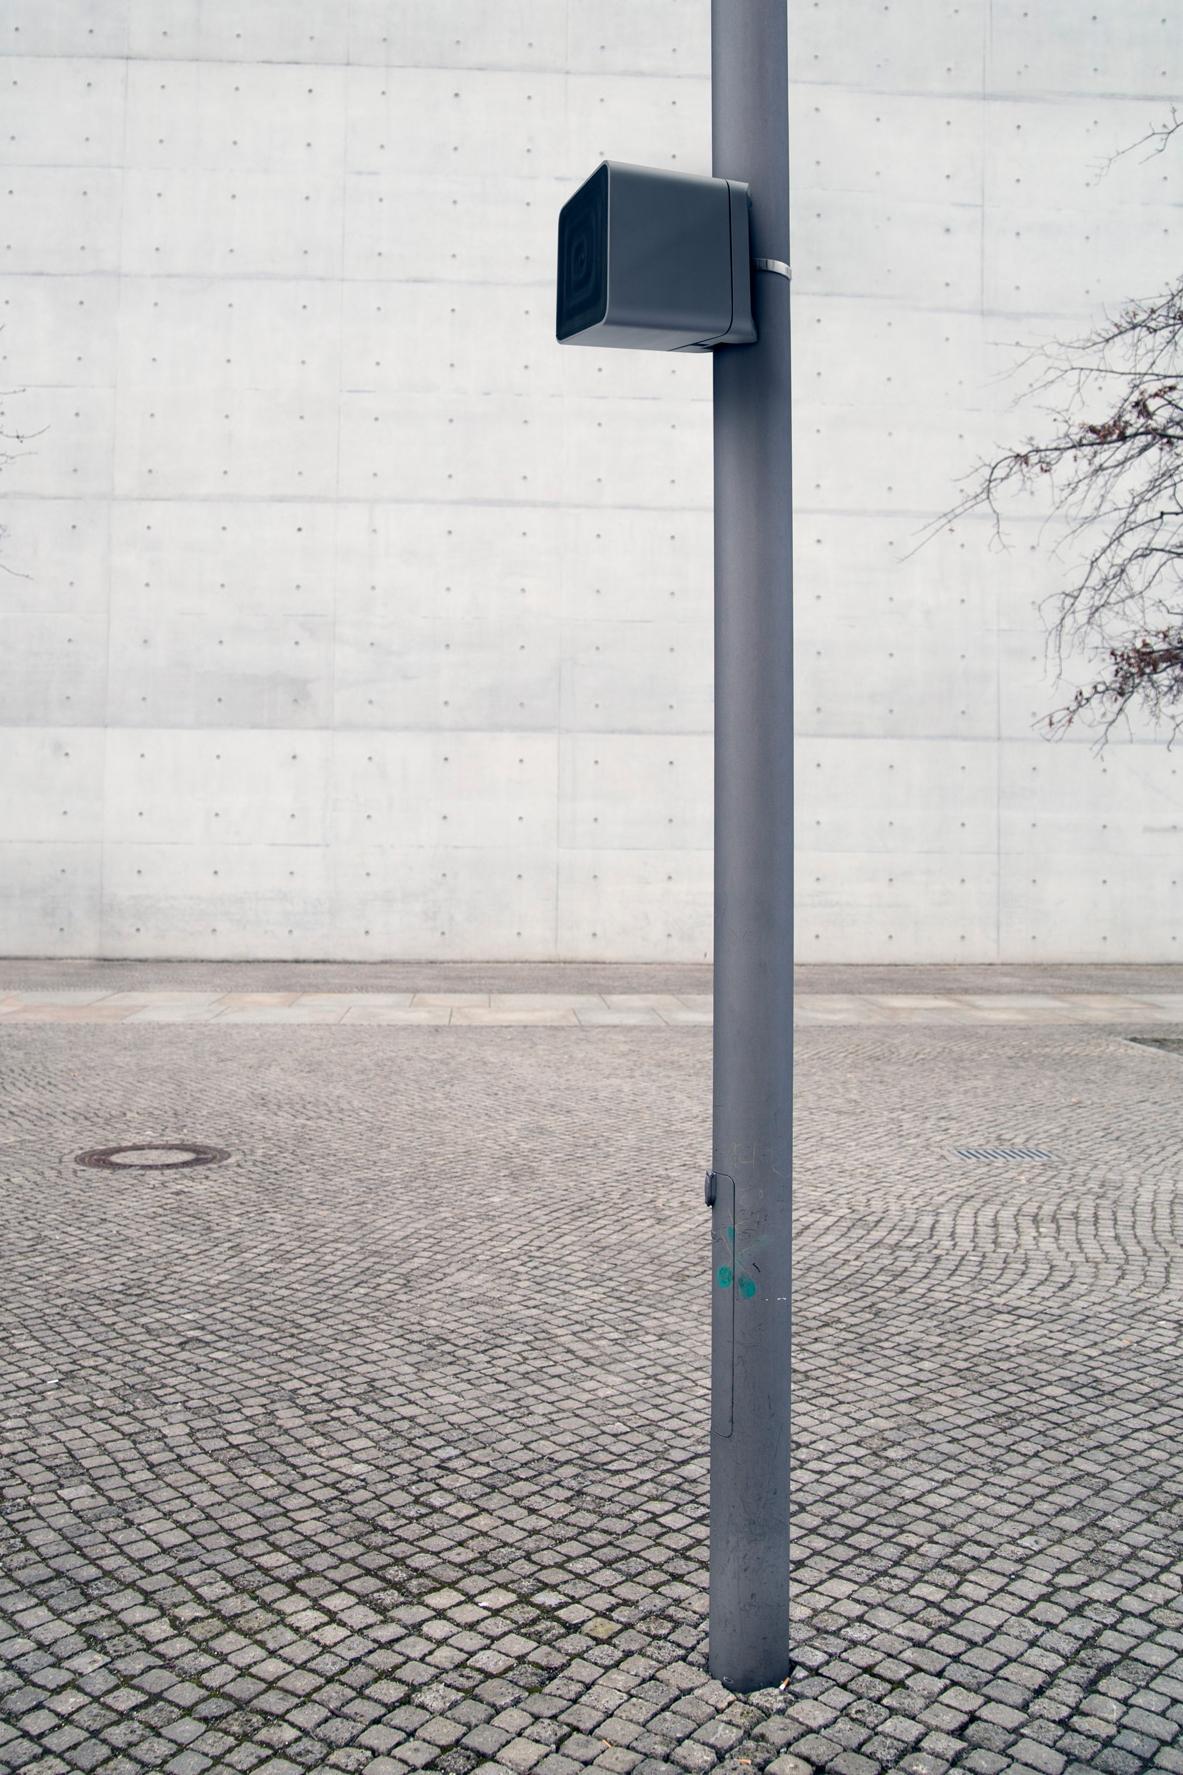 Hannes_Geipel_Fraunhofer_Antenna_04.jpg